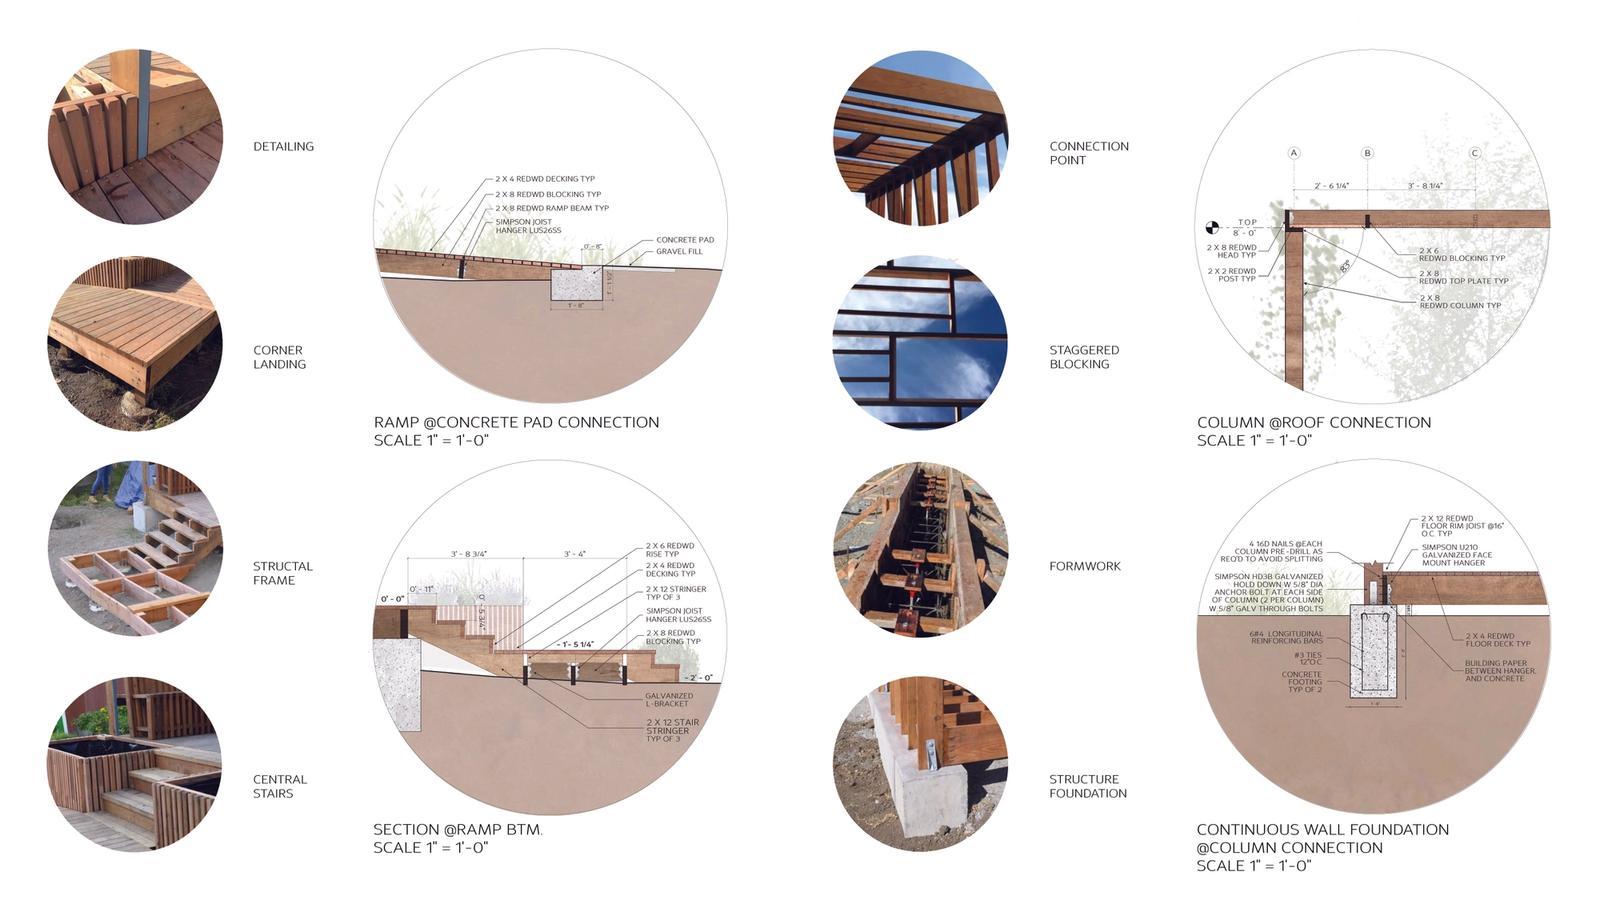 Details of the Pavilion